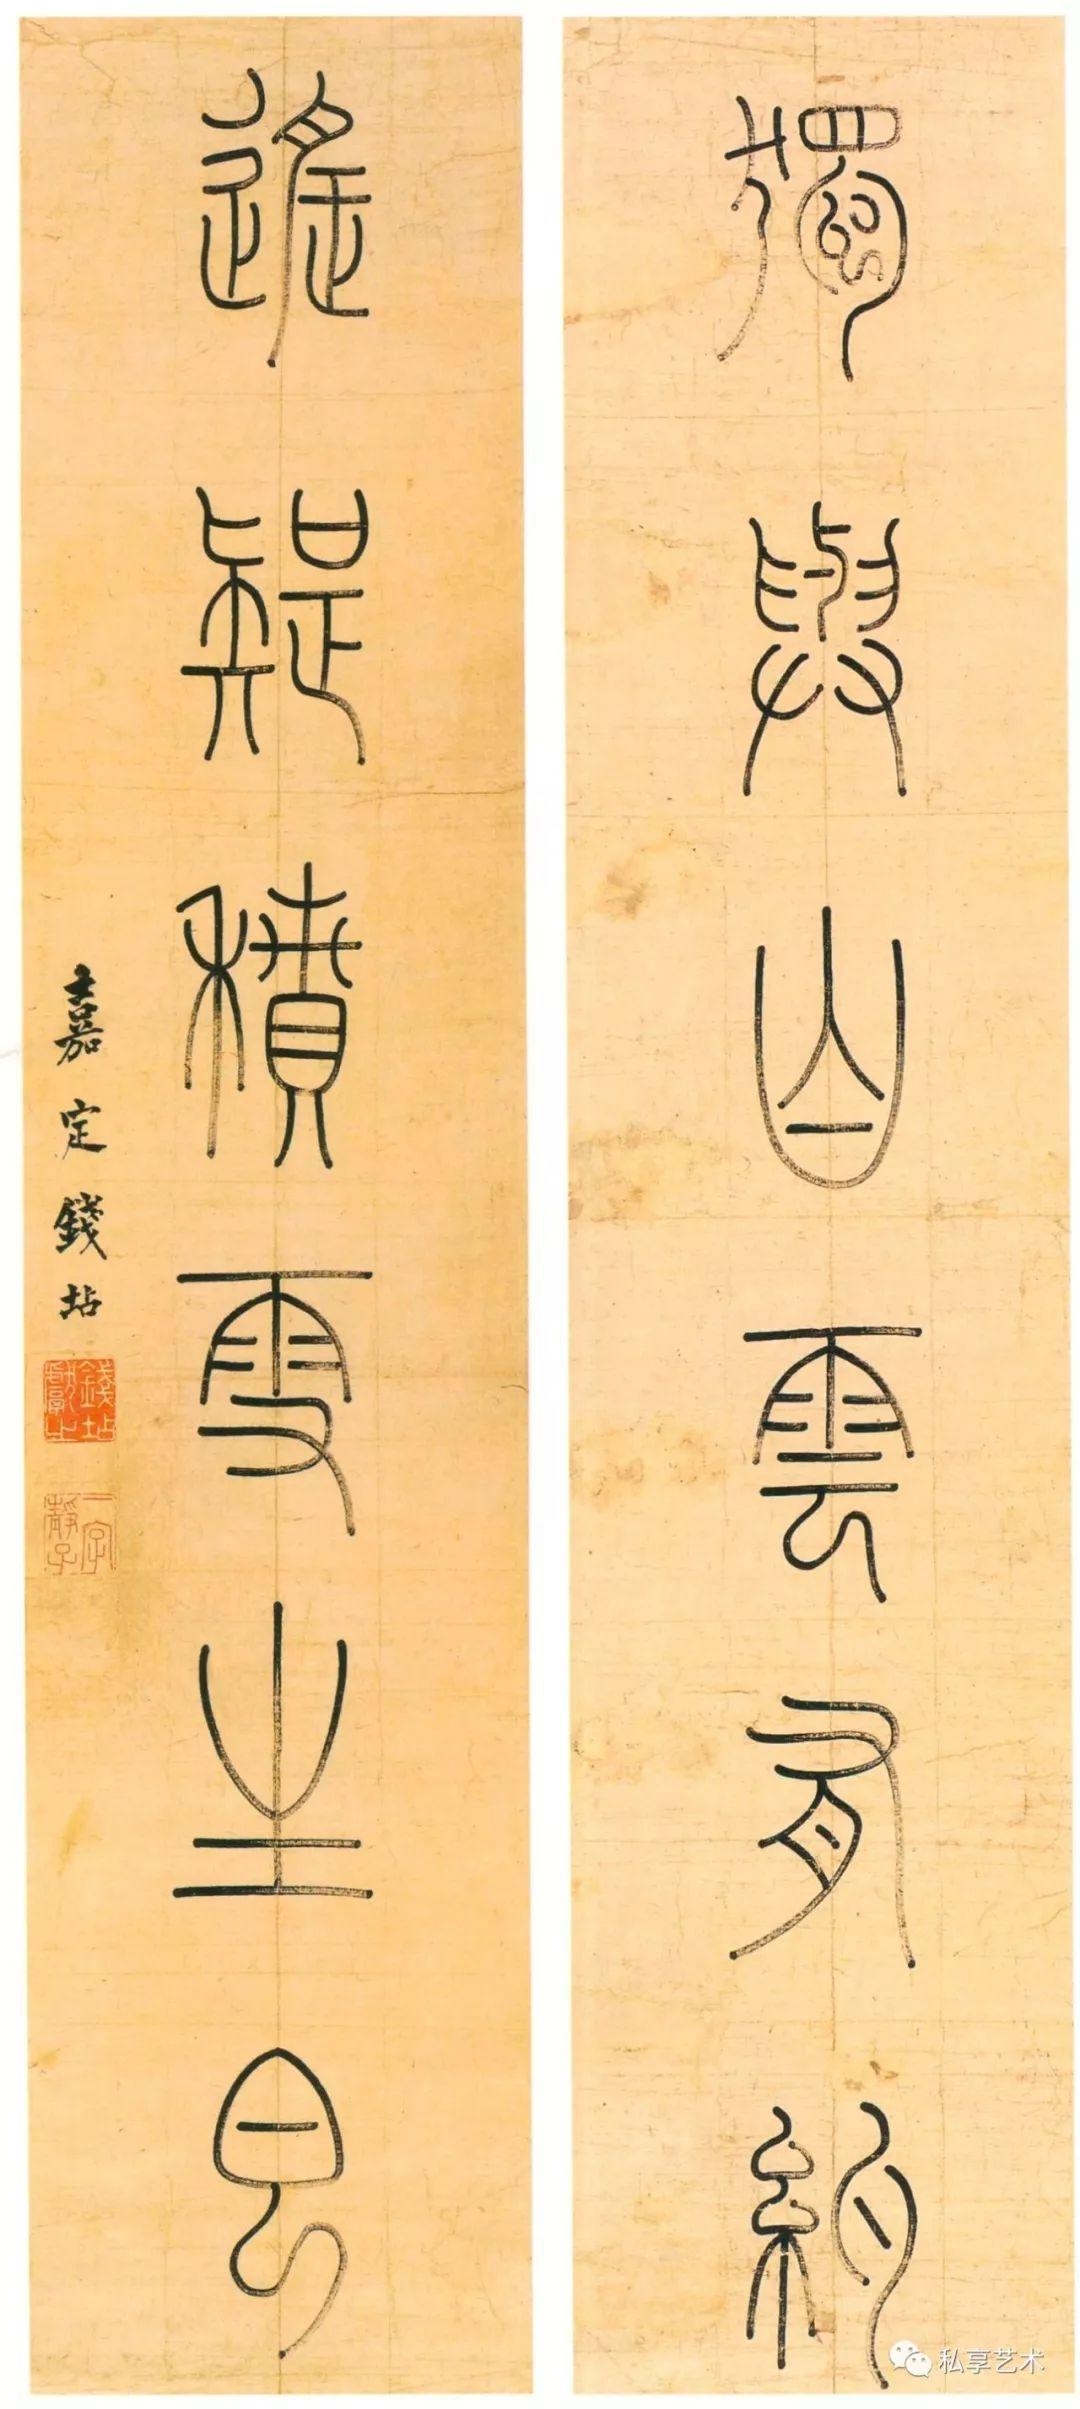 清代篆书第一人 钱坫篆书对联